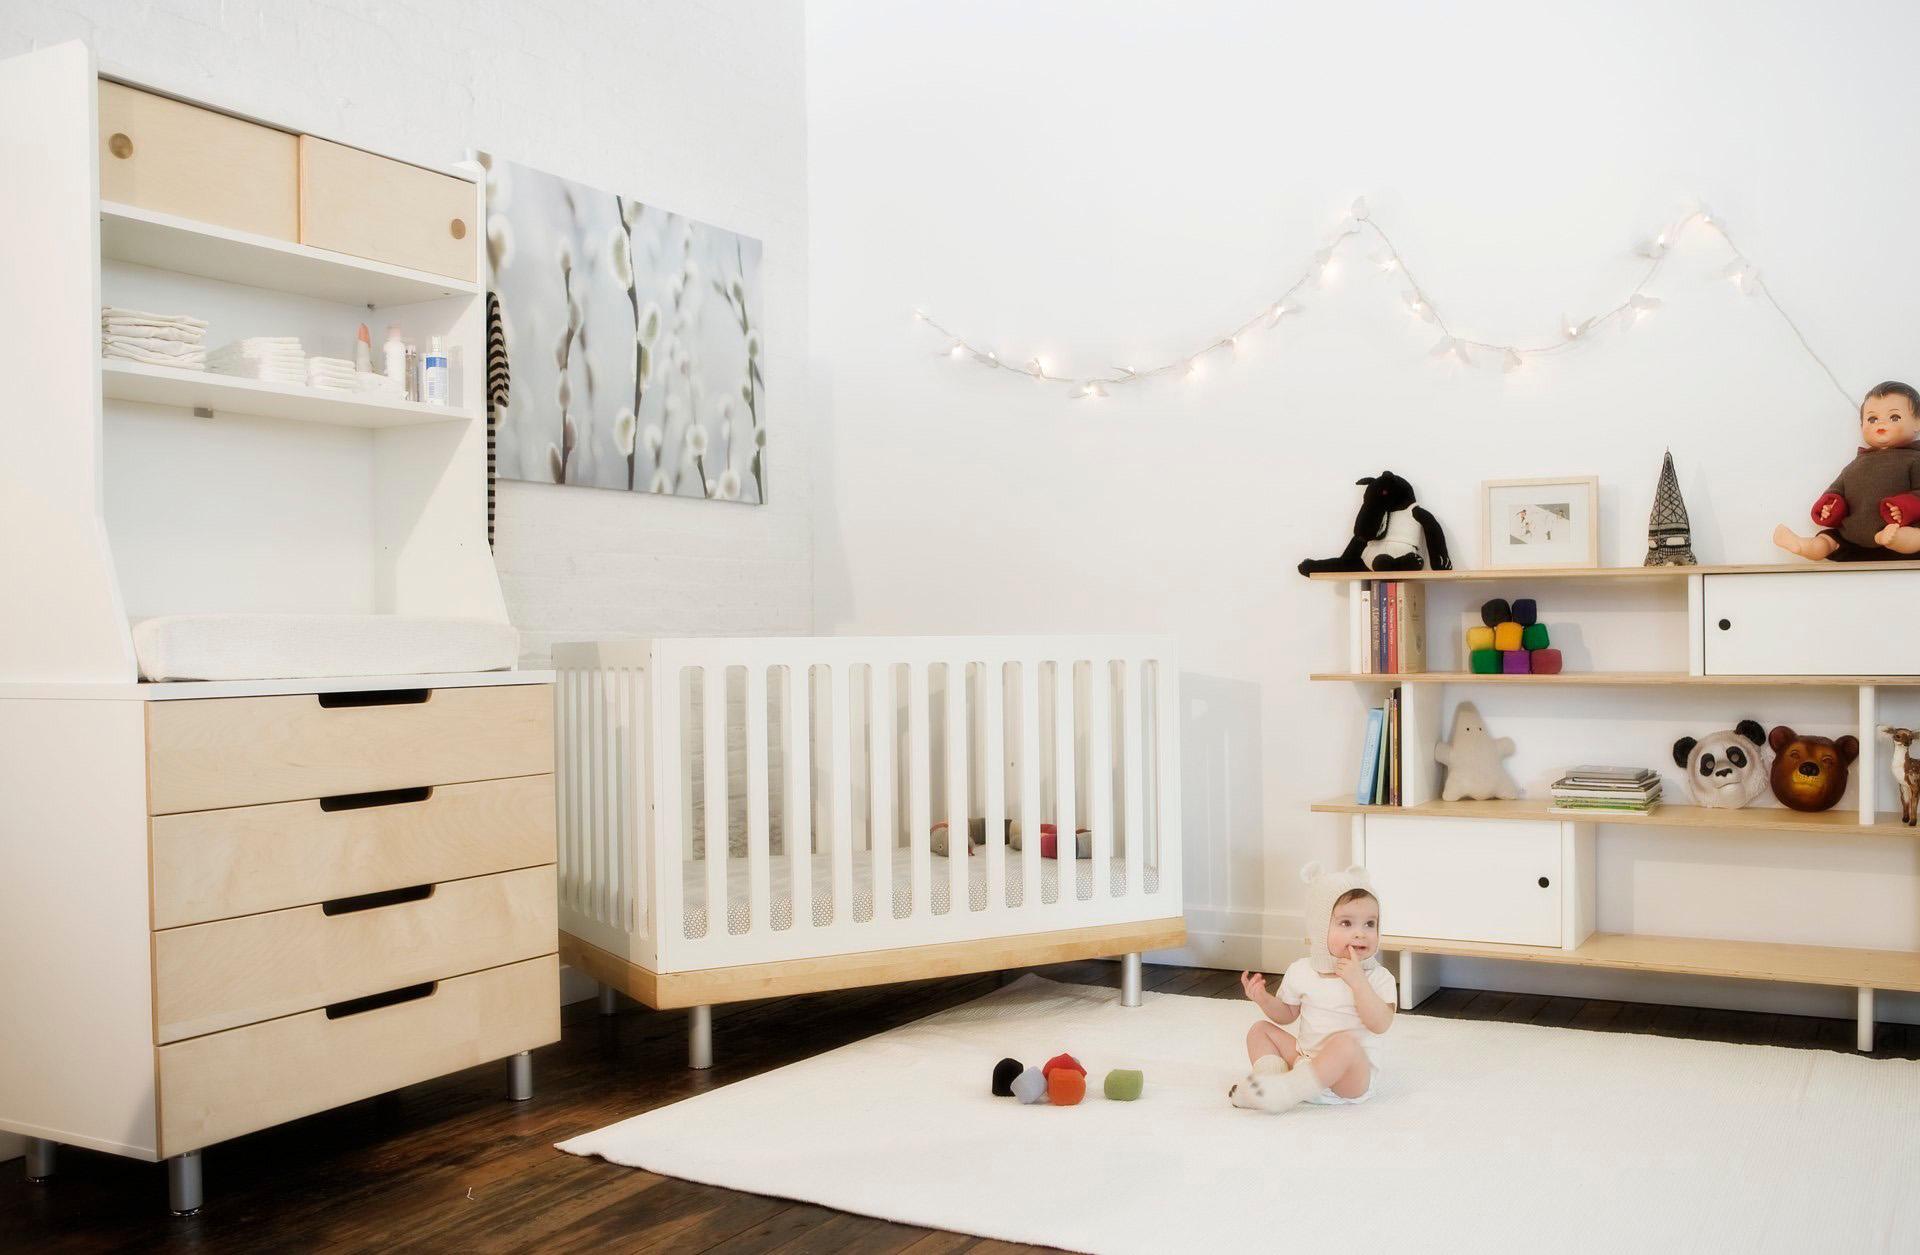 Кроме манежа для ребенка нужно предусмотреть шкаф, полочки и безопасную игровую зону